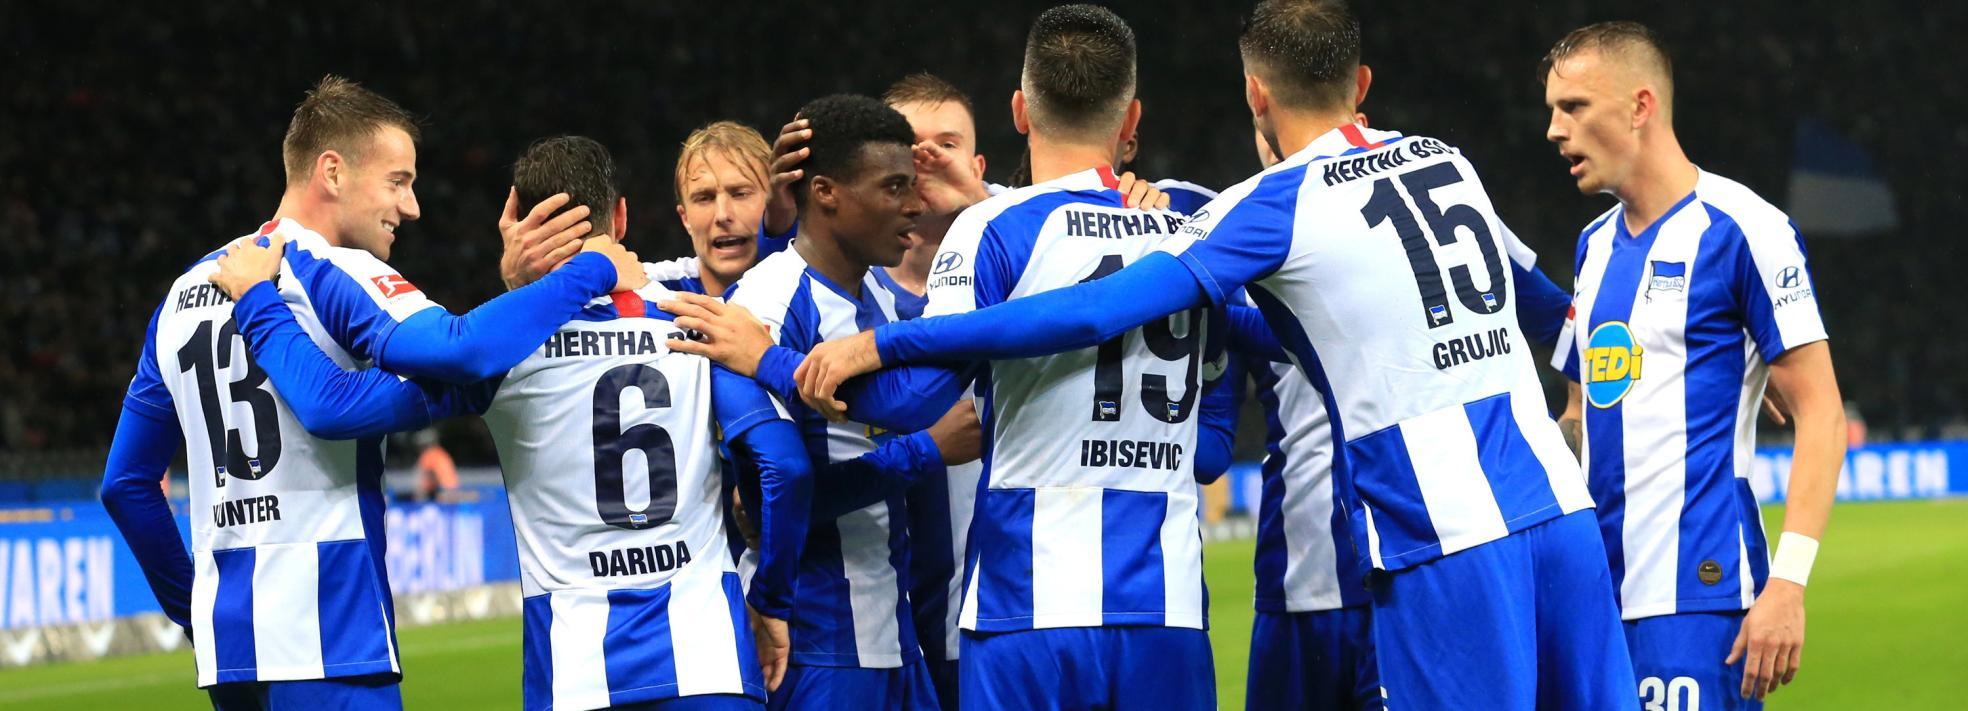 Hertha BSC um Javairo Dilrosun feiert